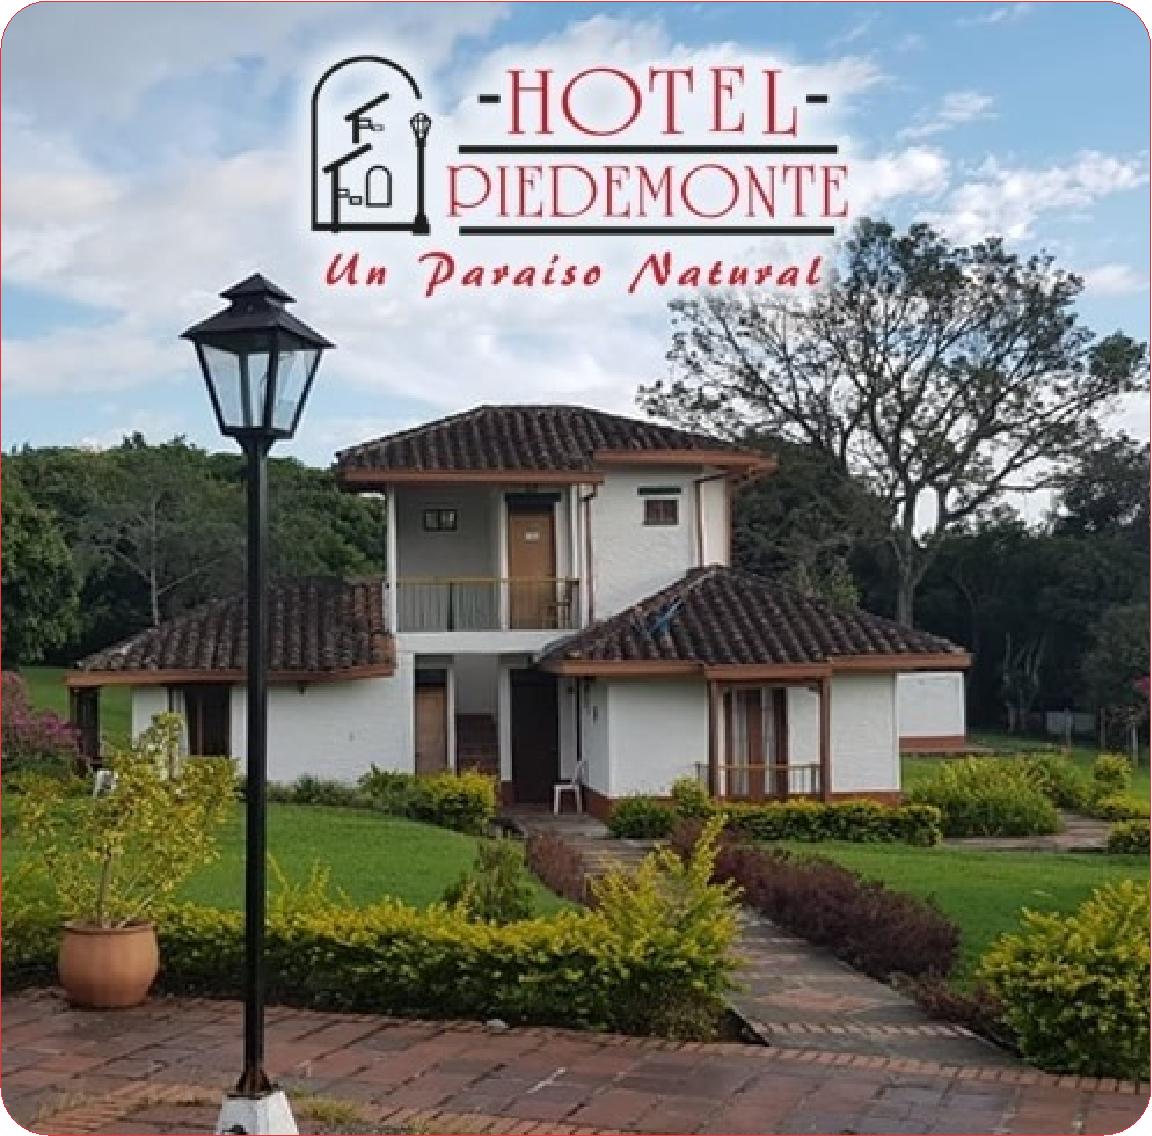 TURISMO-hotel-piedemonte-GUIA-EMPRENDER1